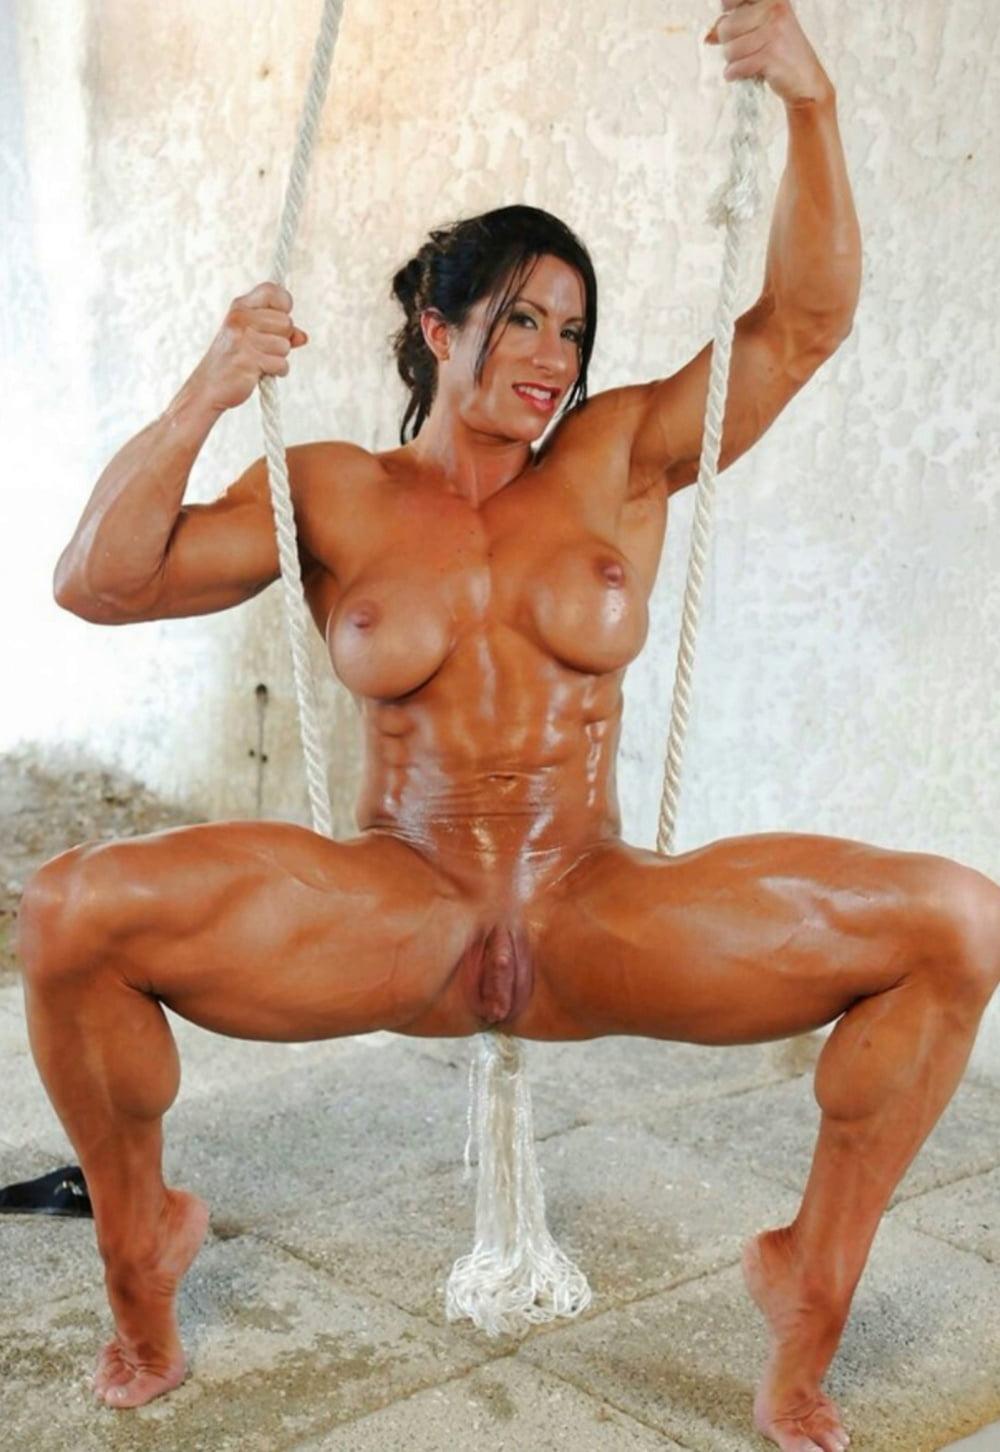 сути, человек спортивного телосложения женщины порно людочка приостановила меня